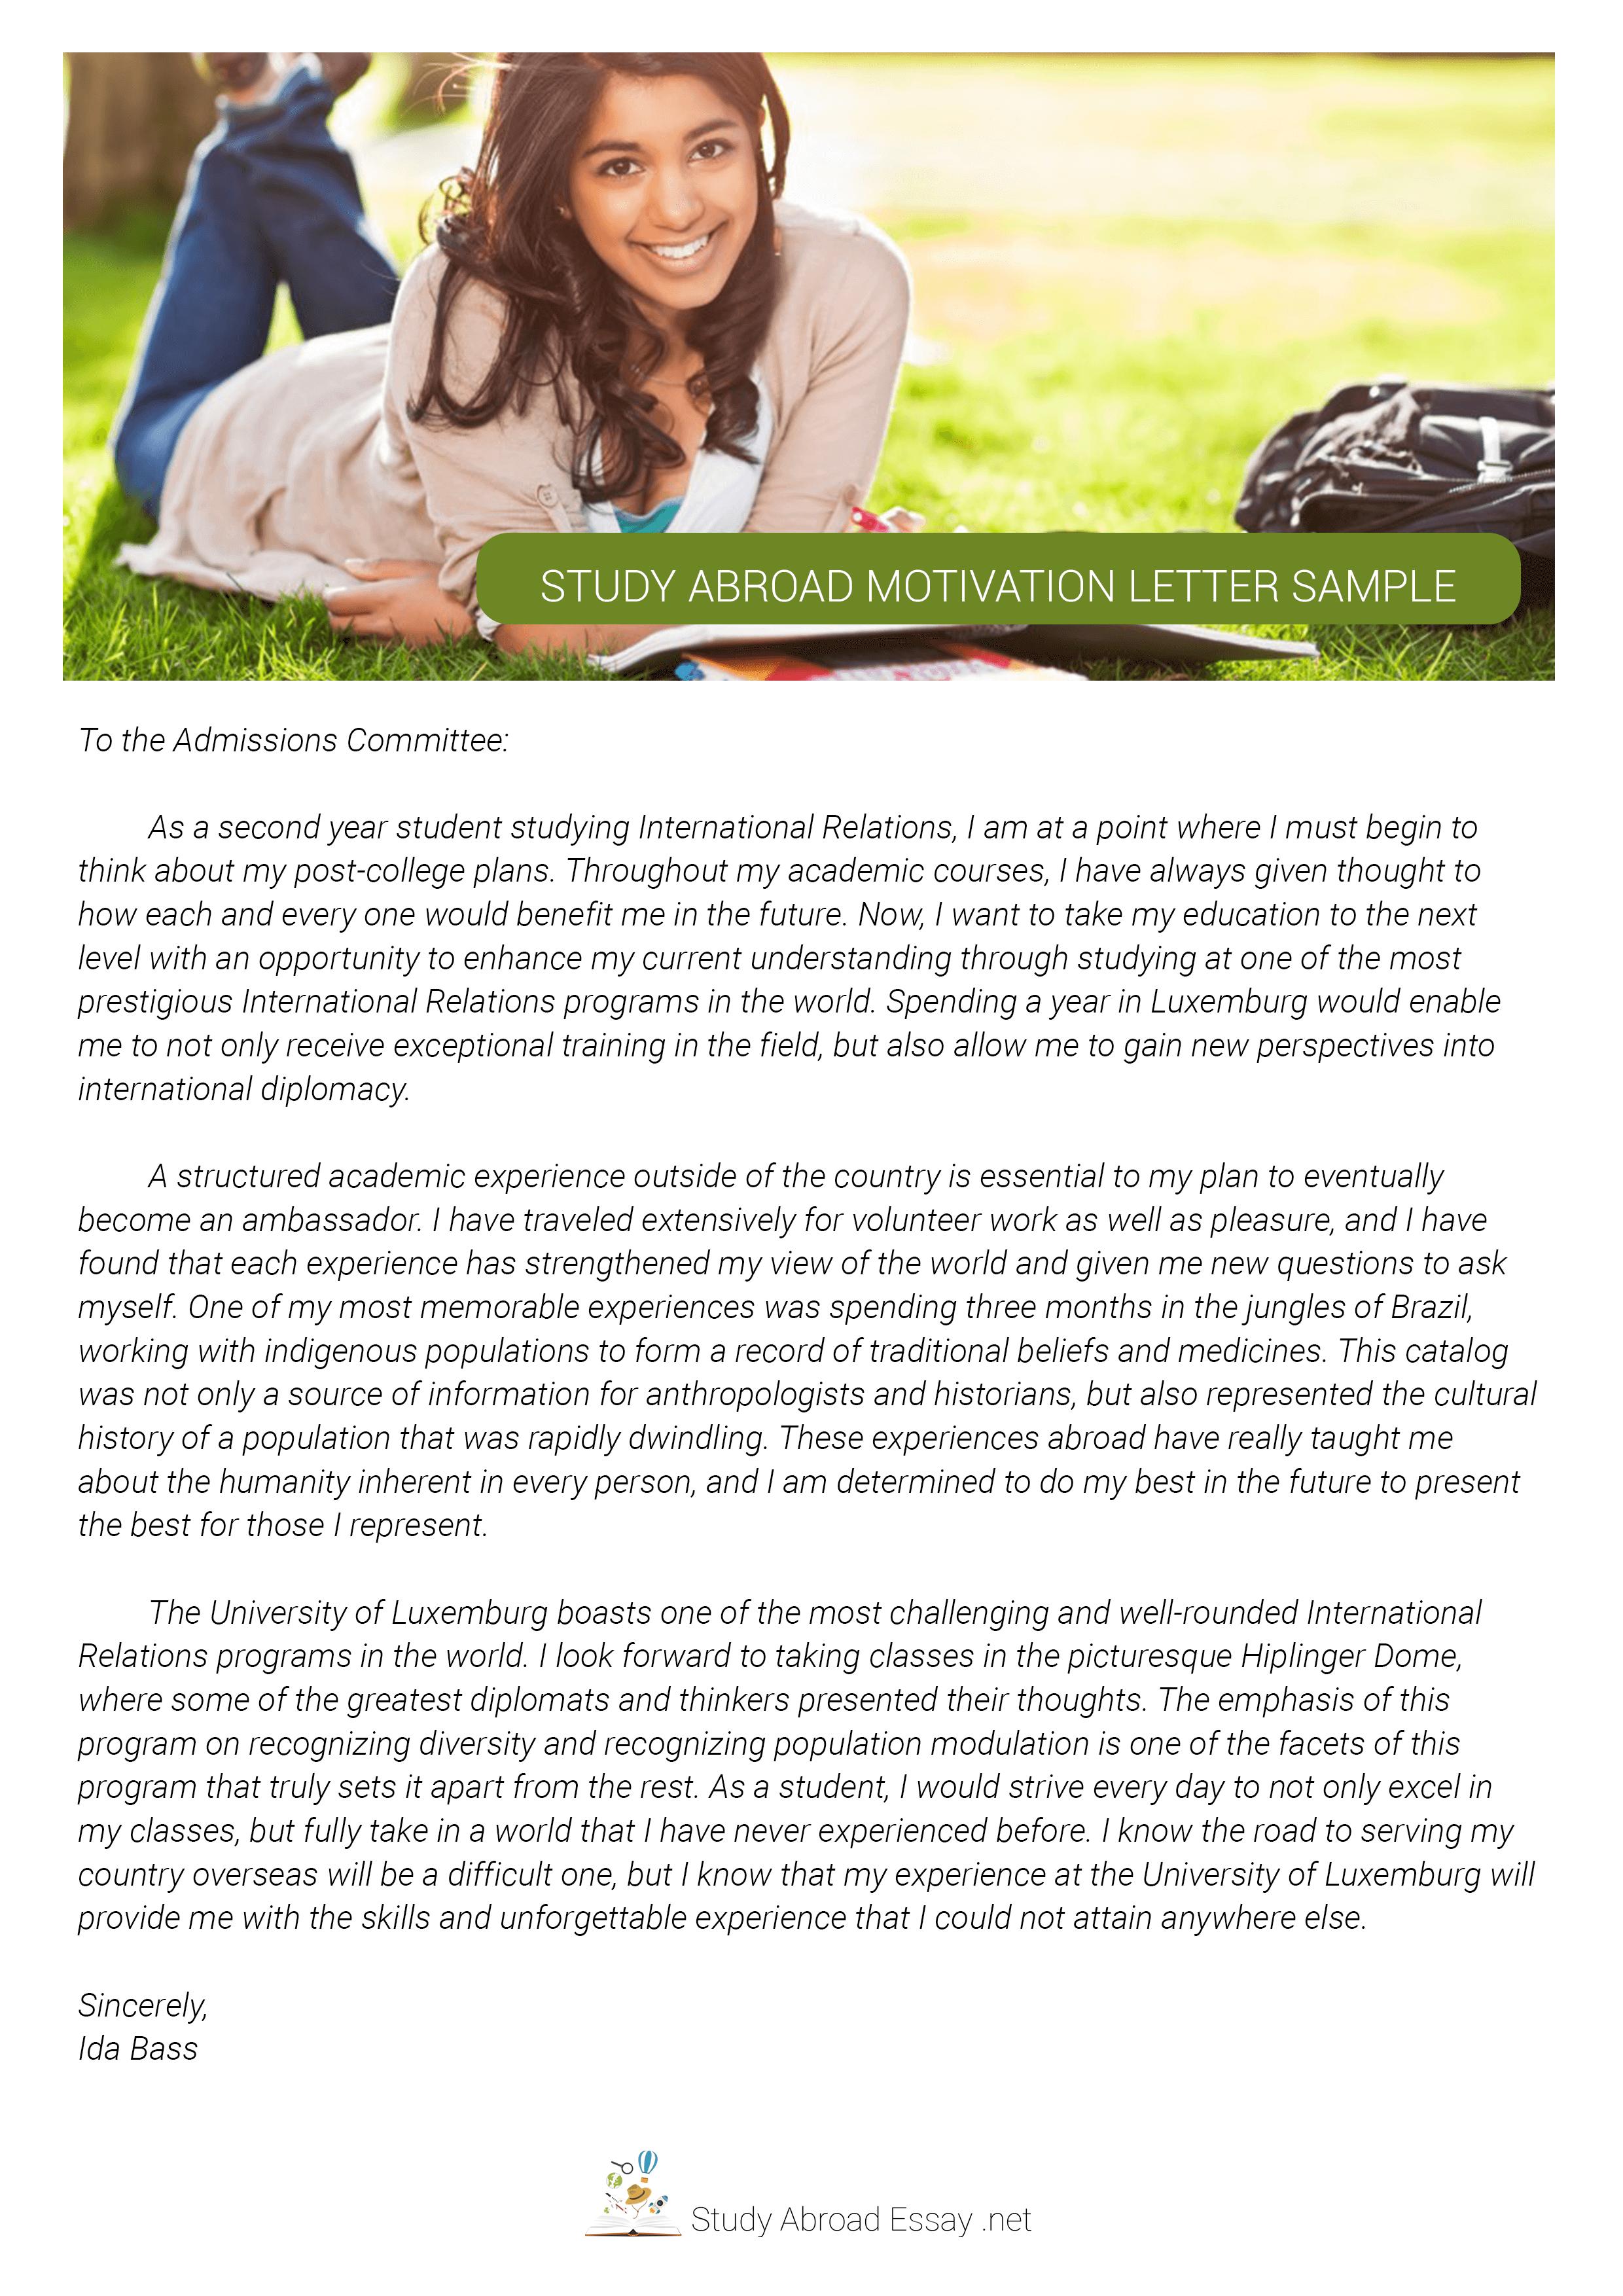 Study Abroad Motivation Letter Sample  Motivational letter, Essay